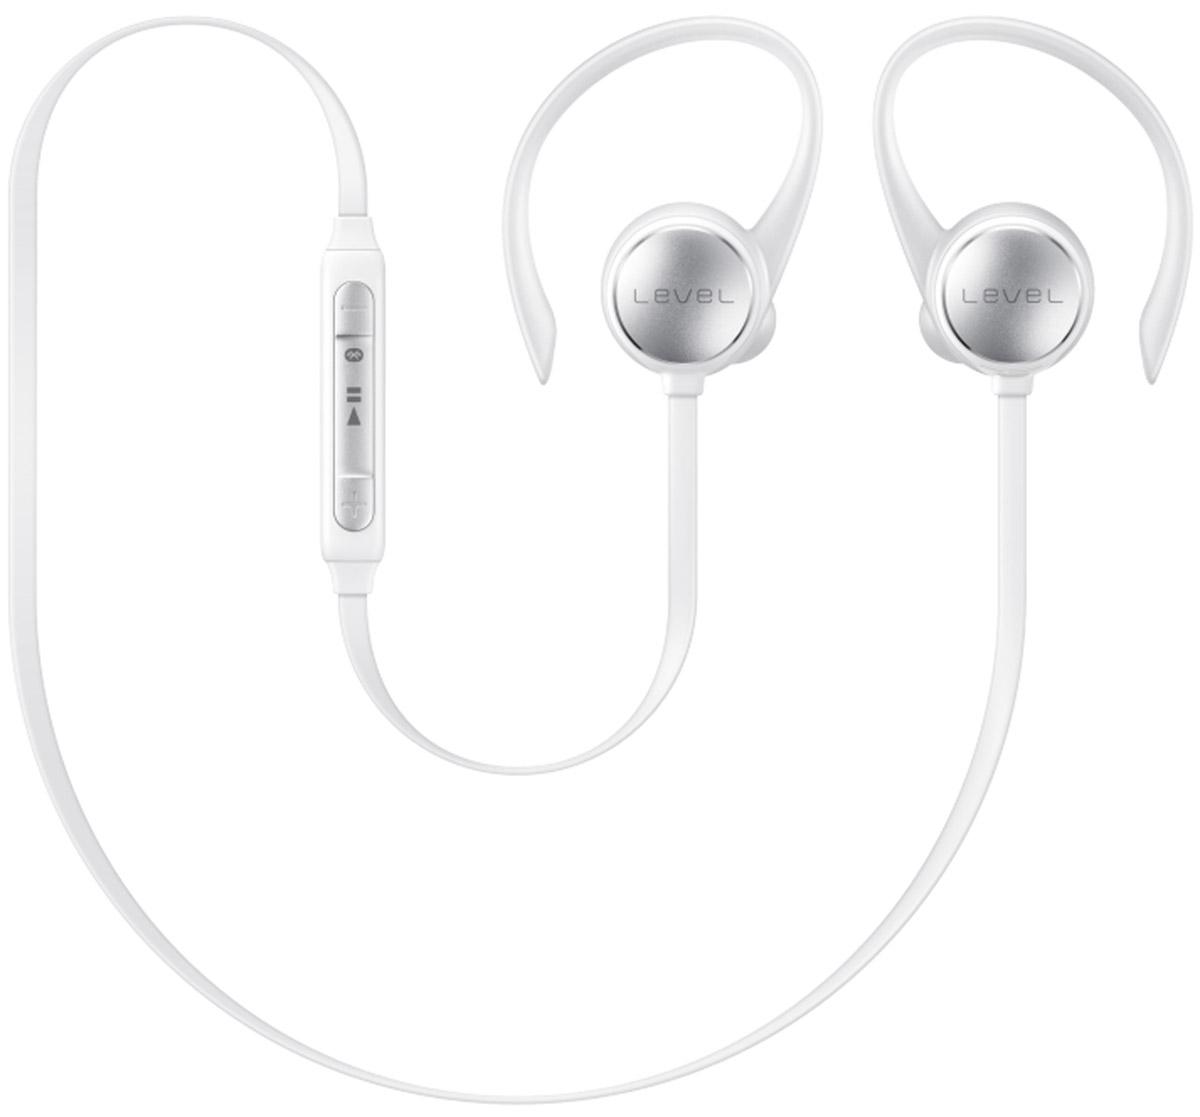 Samsung EO-BG930 Level Active, White наушникиEO-BG930CWEGRUС наушниками Samsung Level Active никакой посторонний шум не помешает слушать музыку. Гарнитура автоматически компенсирует уровень нежелательного шума до -20 дБ. Беспроводная конструкция делает ношение максимально комфортным. Они снабжены гибкими держателями и дужками. В комплект входят ушные вкладыши трех разных размеров. Samsung Level Active обеспечивают качественный звук студийного качества на всем диапазоне частот. Наушники имеют защитное нанопокрытие и подходят для активных людей. Покрытие предохраняет гарнитуру от влаги, обеспечивая комфорт при занятиях спортом. Связь с устройствами происходит при помощи Bluetooth. Так с экрана смартфона можно управлять настройками звука и воспроизведением. Приложение Samsung Level расширяет возможности гарнитуры – позволяет получать уведомления при помощи звуковых и вибрационных сигналов, а также контролировать физическое состояние во время тренировок. Синхронизация со смартфоном и приложениями S Health и секундомером...